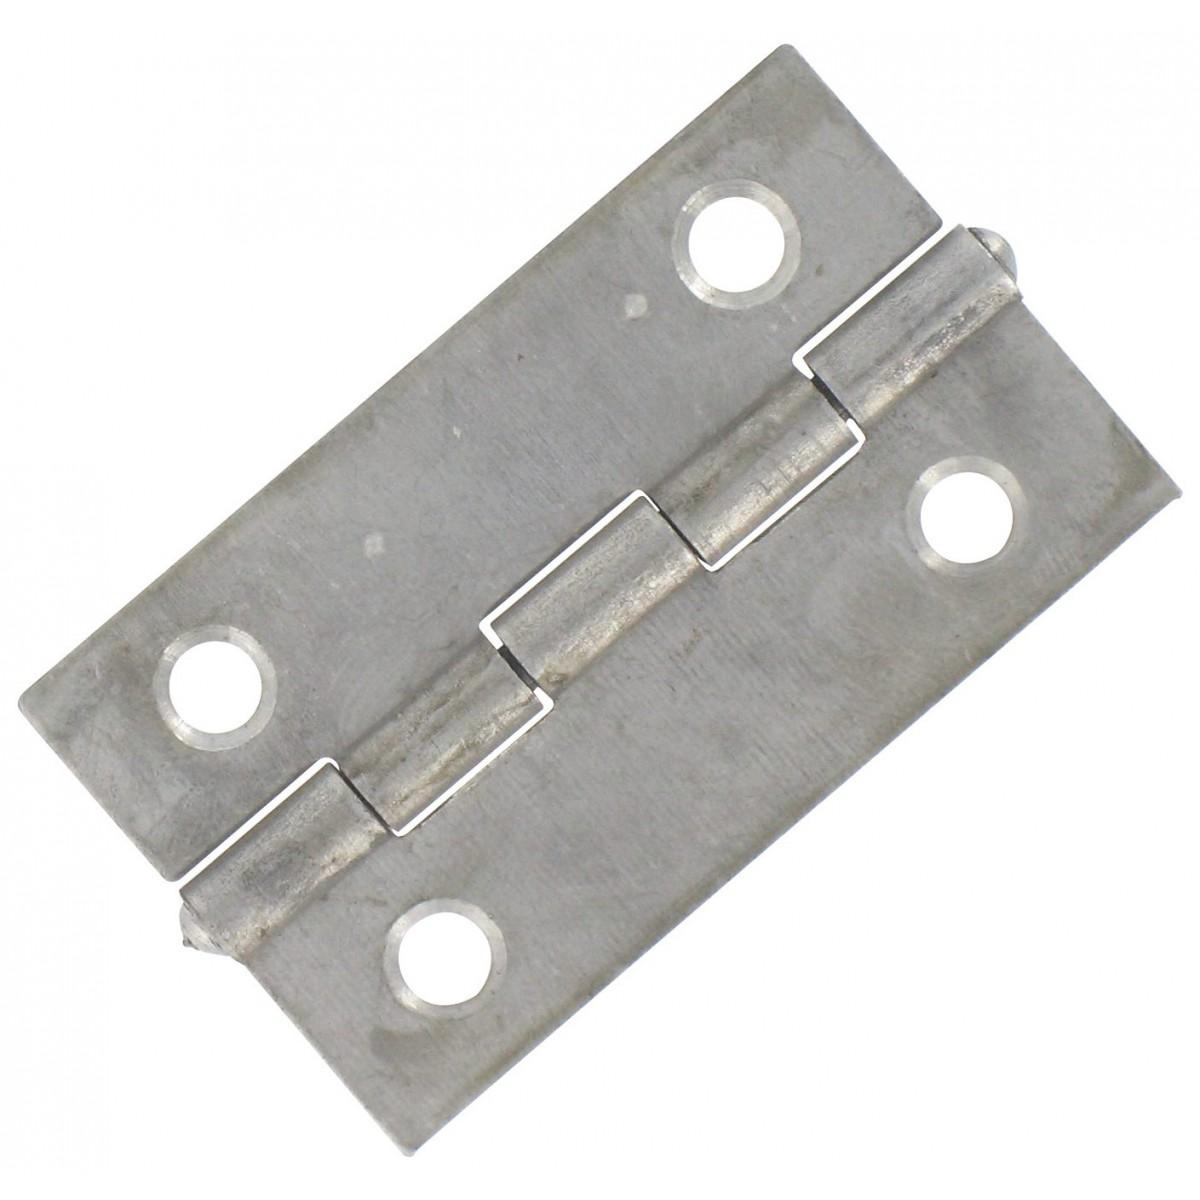 Charnière rectangulaire simple feuille Jardinier Massard - Acier décapé - Hauteur 30 mm - Largeur 19 mm